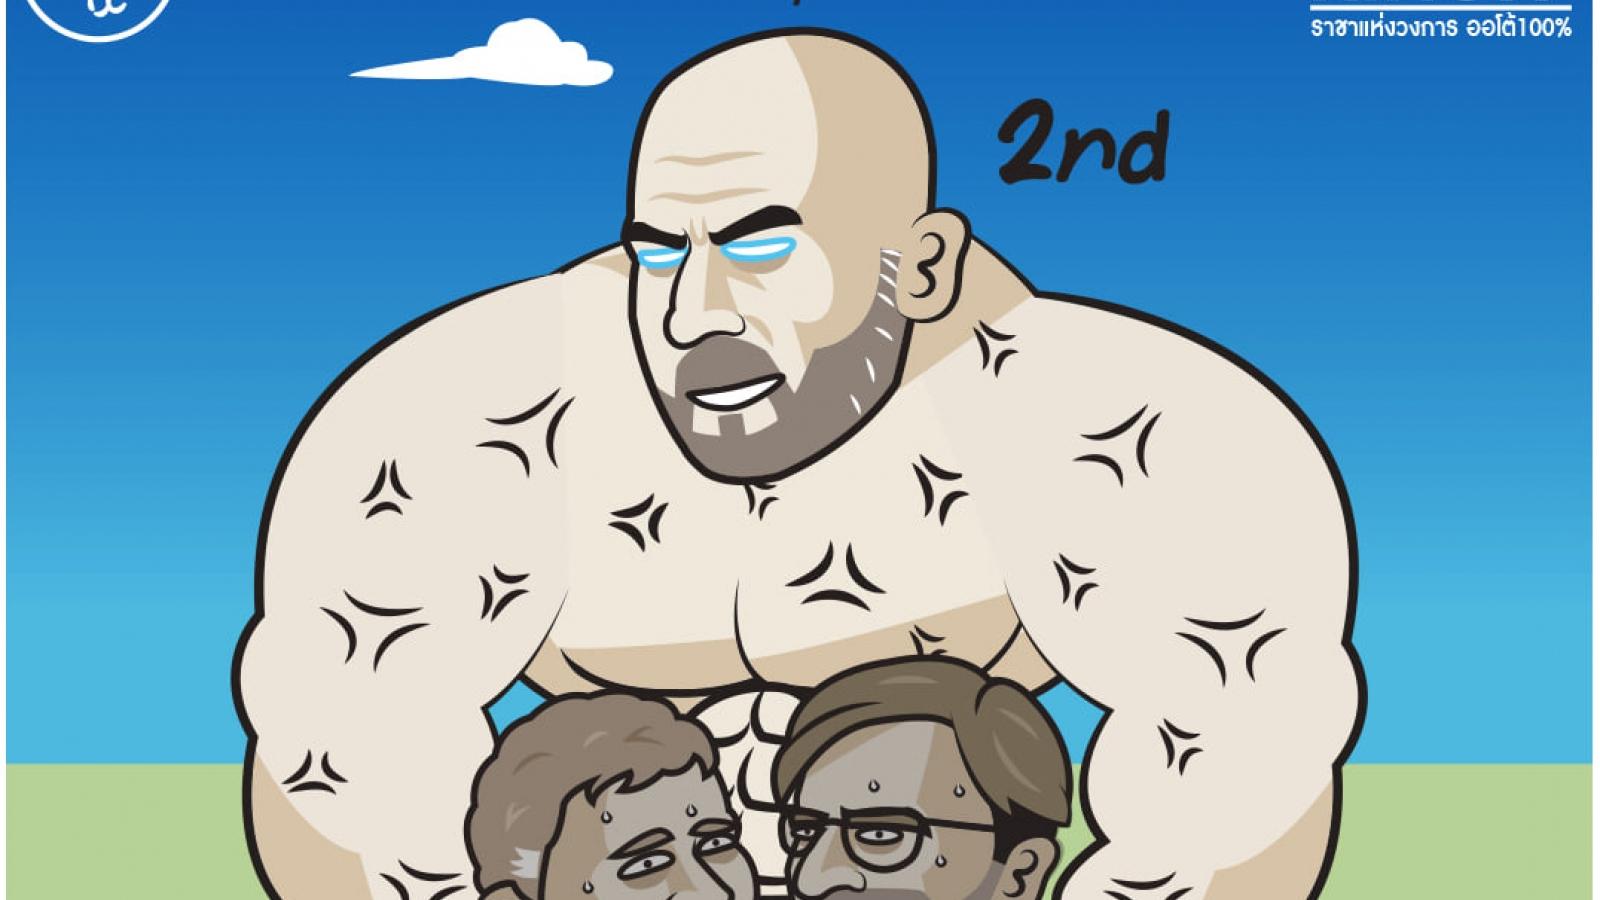 Biếm họa 24h: Pep Guardiola khoe cơ bụng 6 múi khiến Solskjaer toát mồ hôi